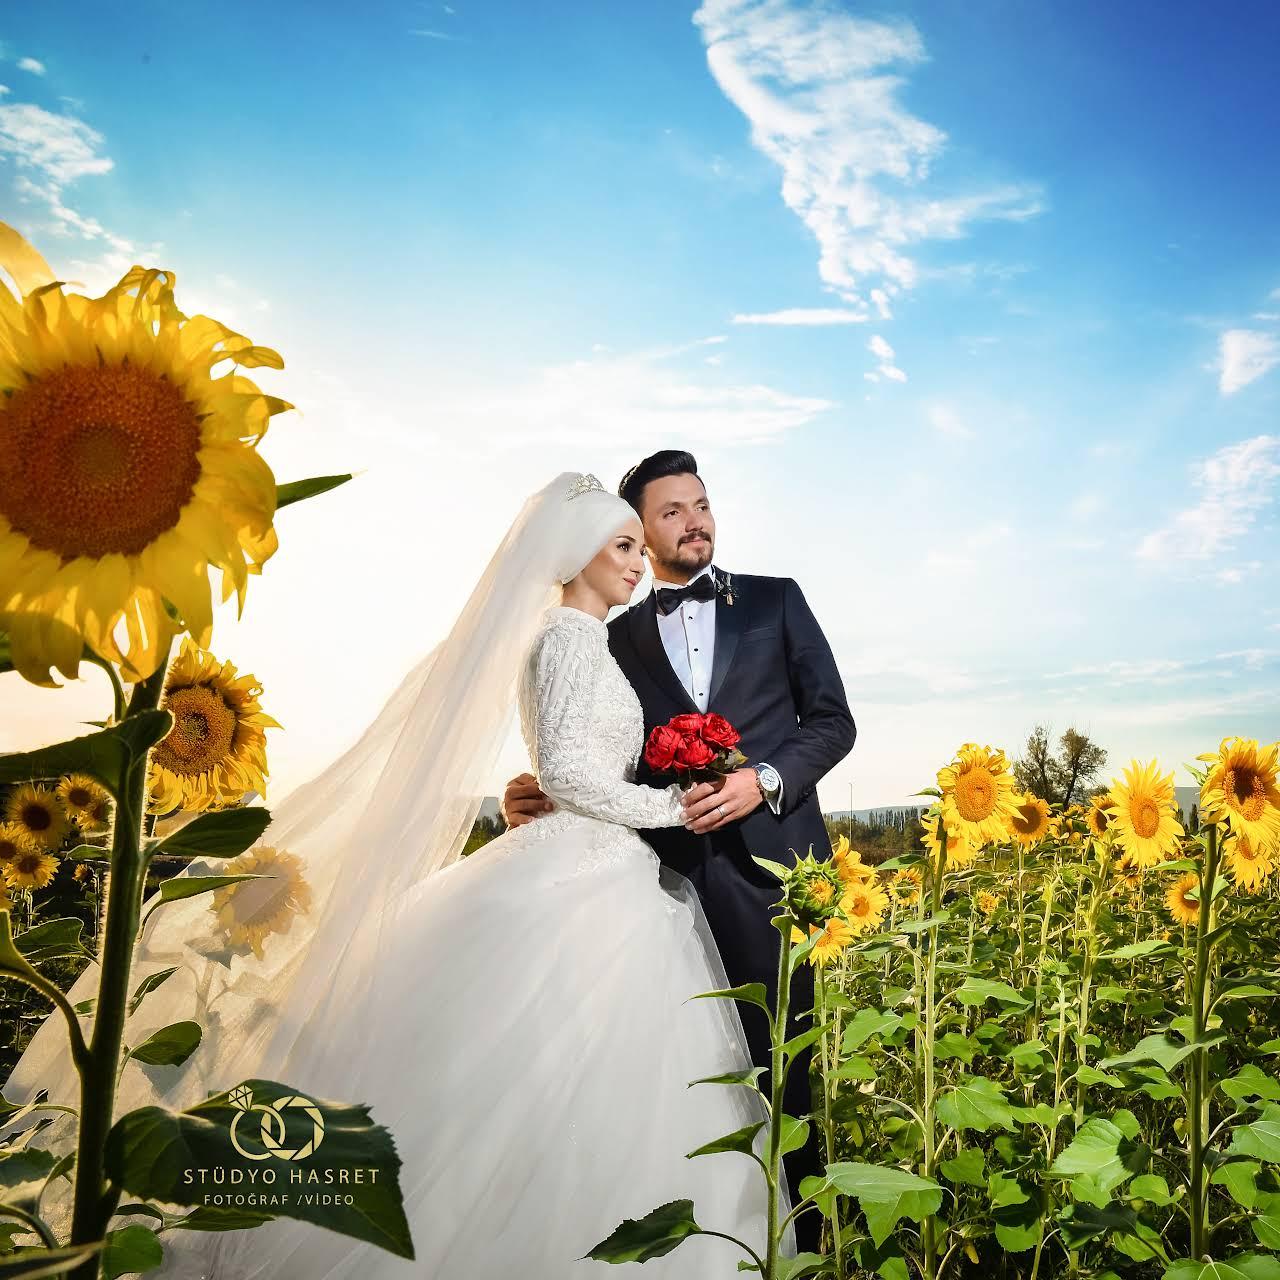 التقاط صور الزفاف في حقول دوار الشمس